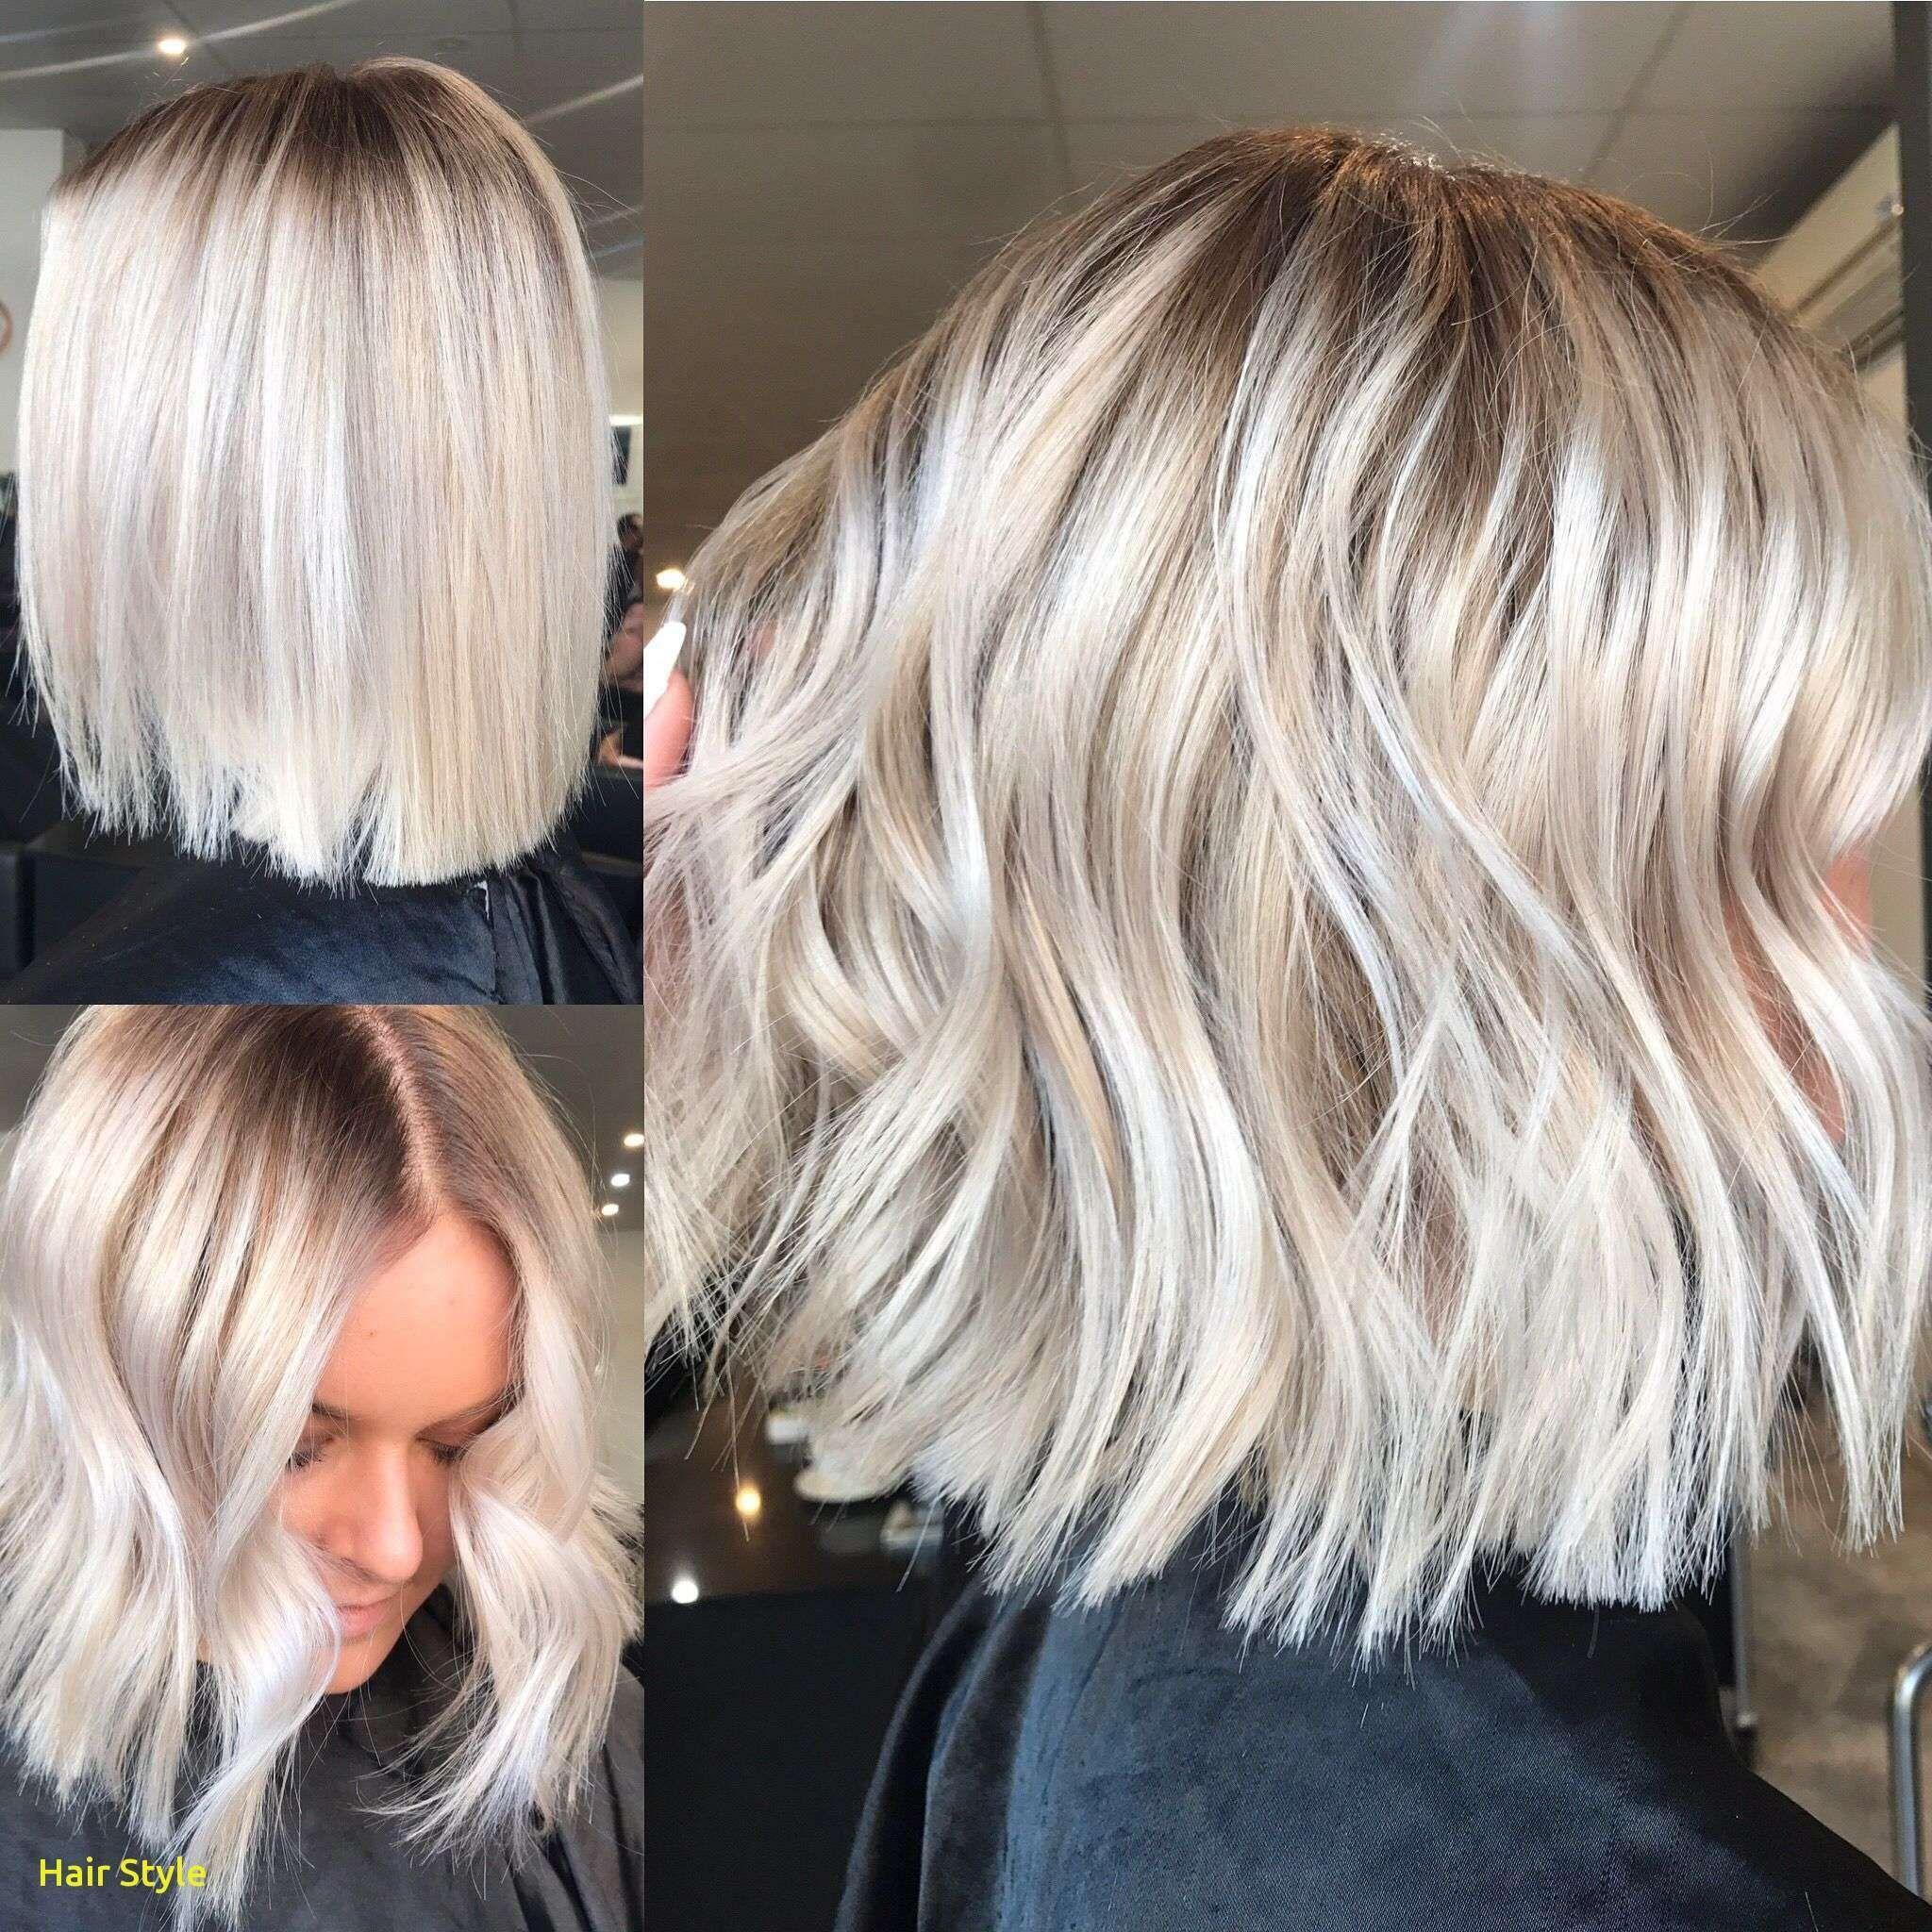 Luxus-Mädchen mit blonden Highlights Neu Frisuren Stile 11 Luxus